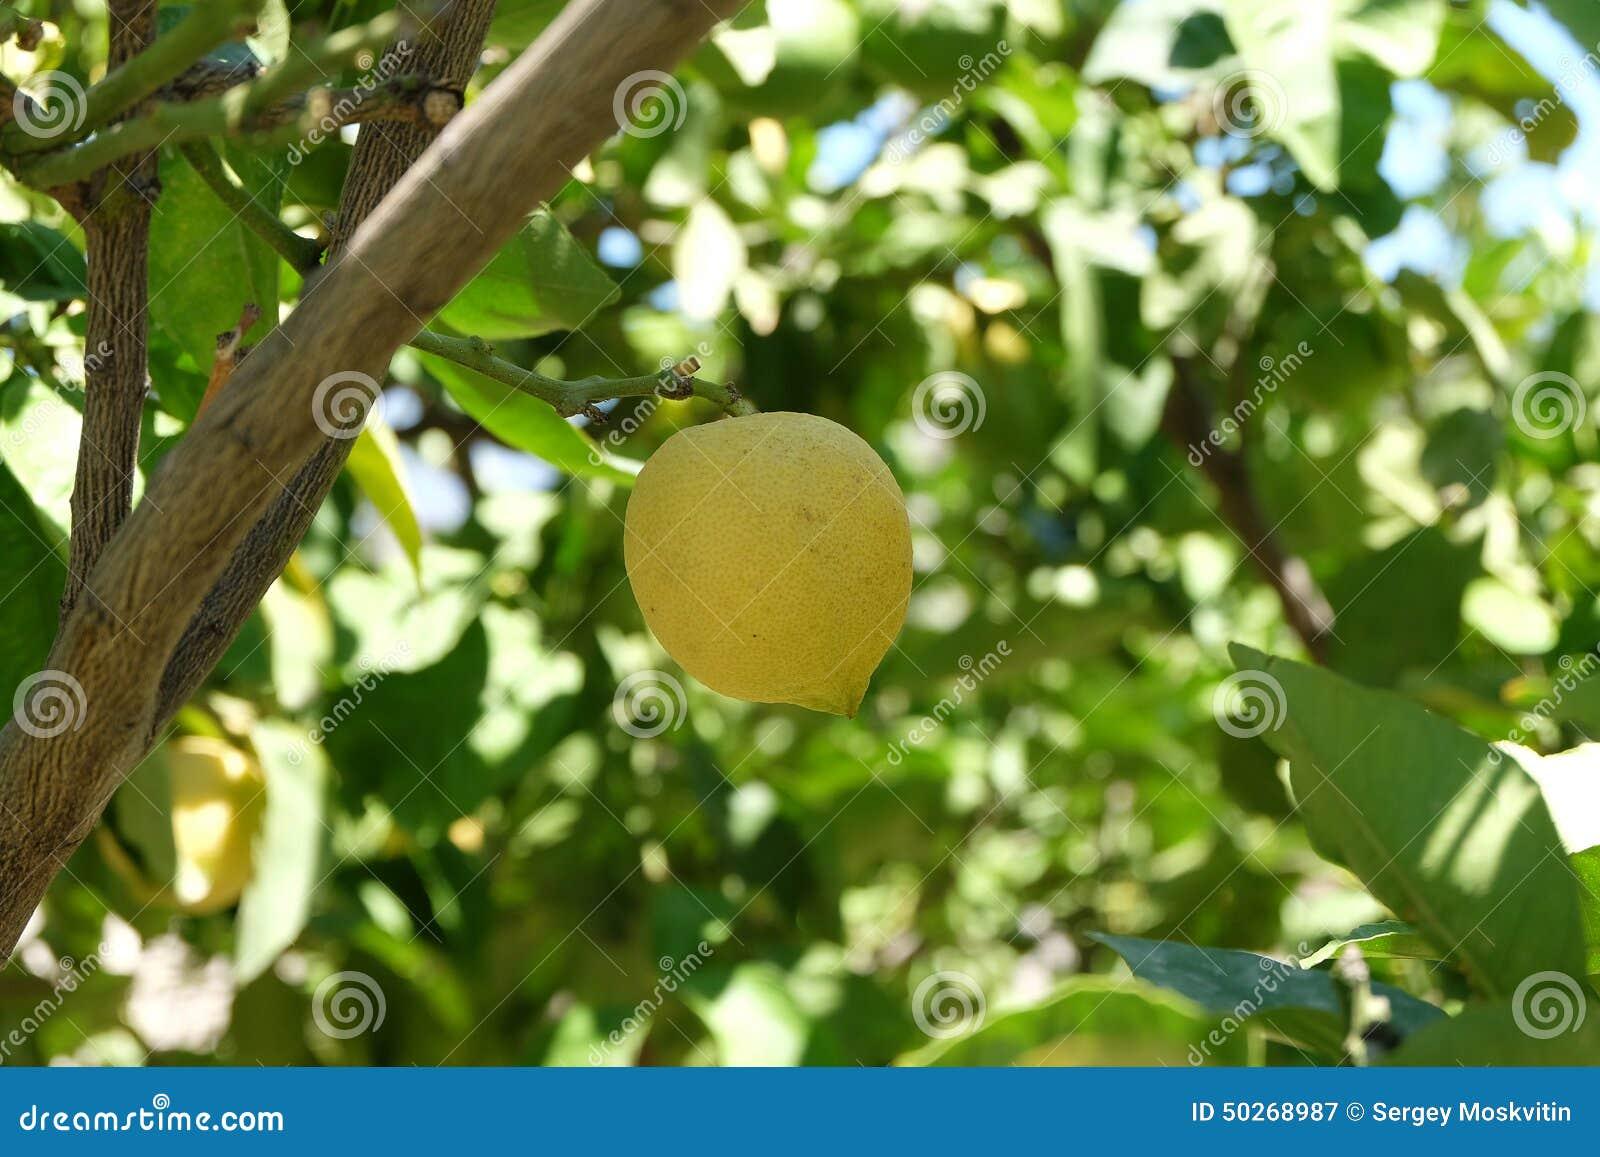 Citrons jaunes accrochant sur l 39 arbre photo stock image for Portent fruit